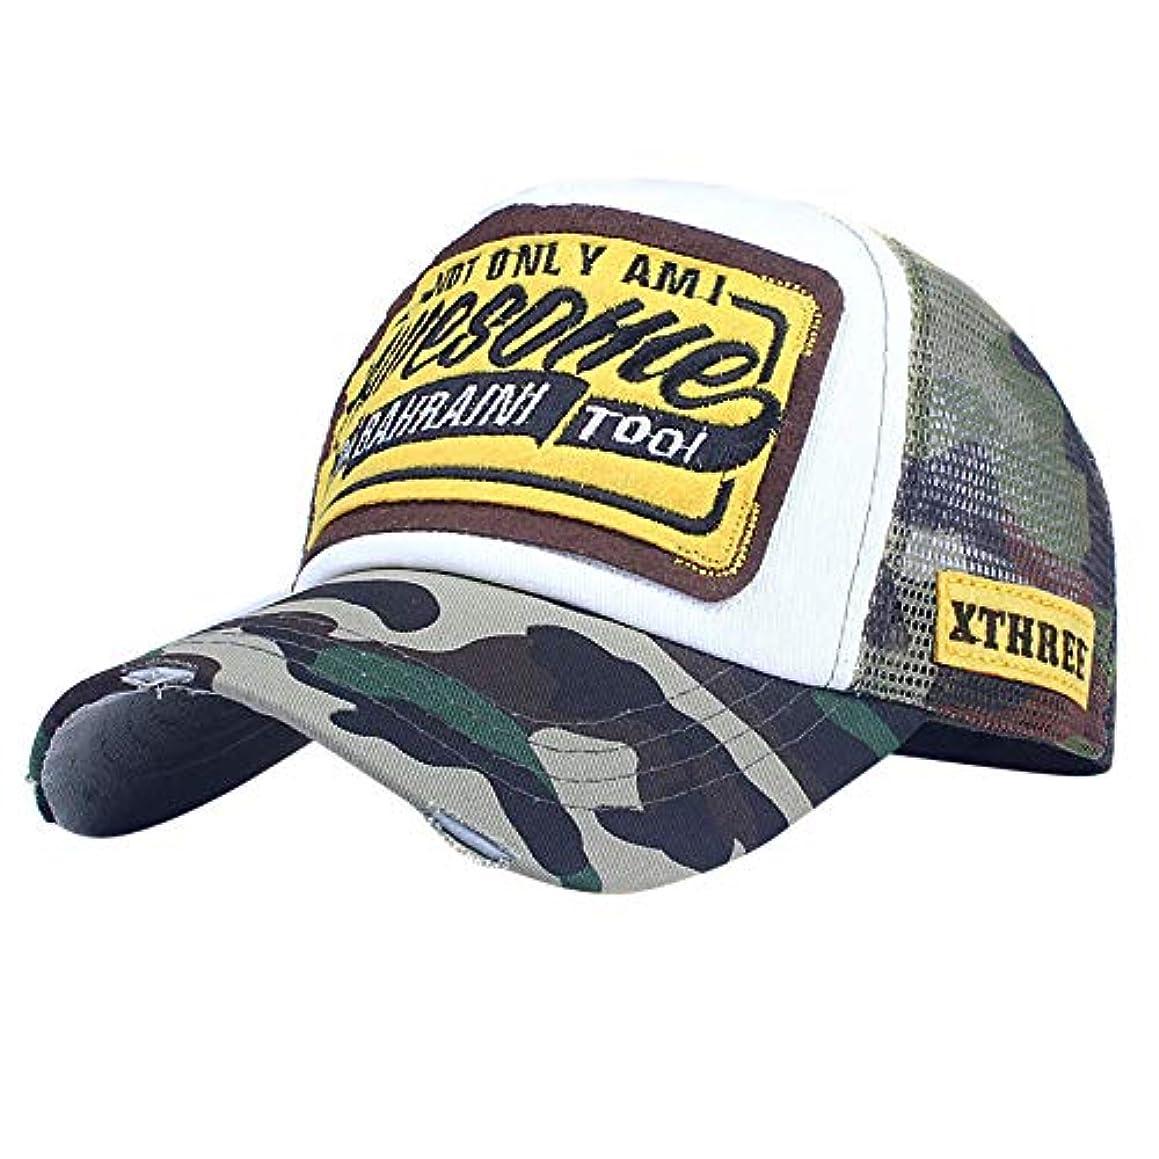 国民投票支出サラダRacazing カモフラージュ 野球帽 ヒップホップ メンズ 夏 登山 帽子 迷彩 可調整可能 プラスベルベット 棒球帽 UV 帽子 UVカット軽量 屋外 Unisex 鸭舌帽 Hat Cap